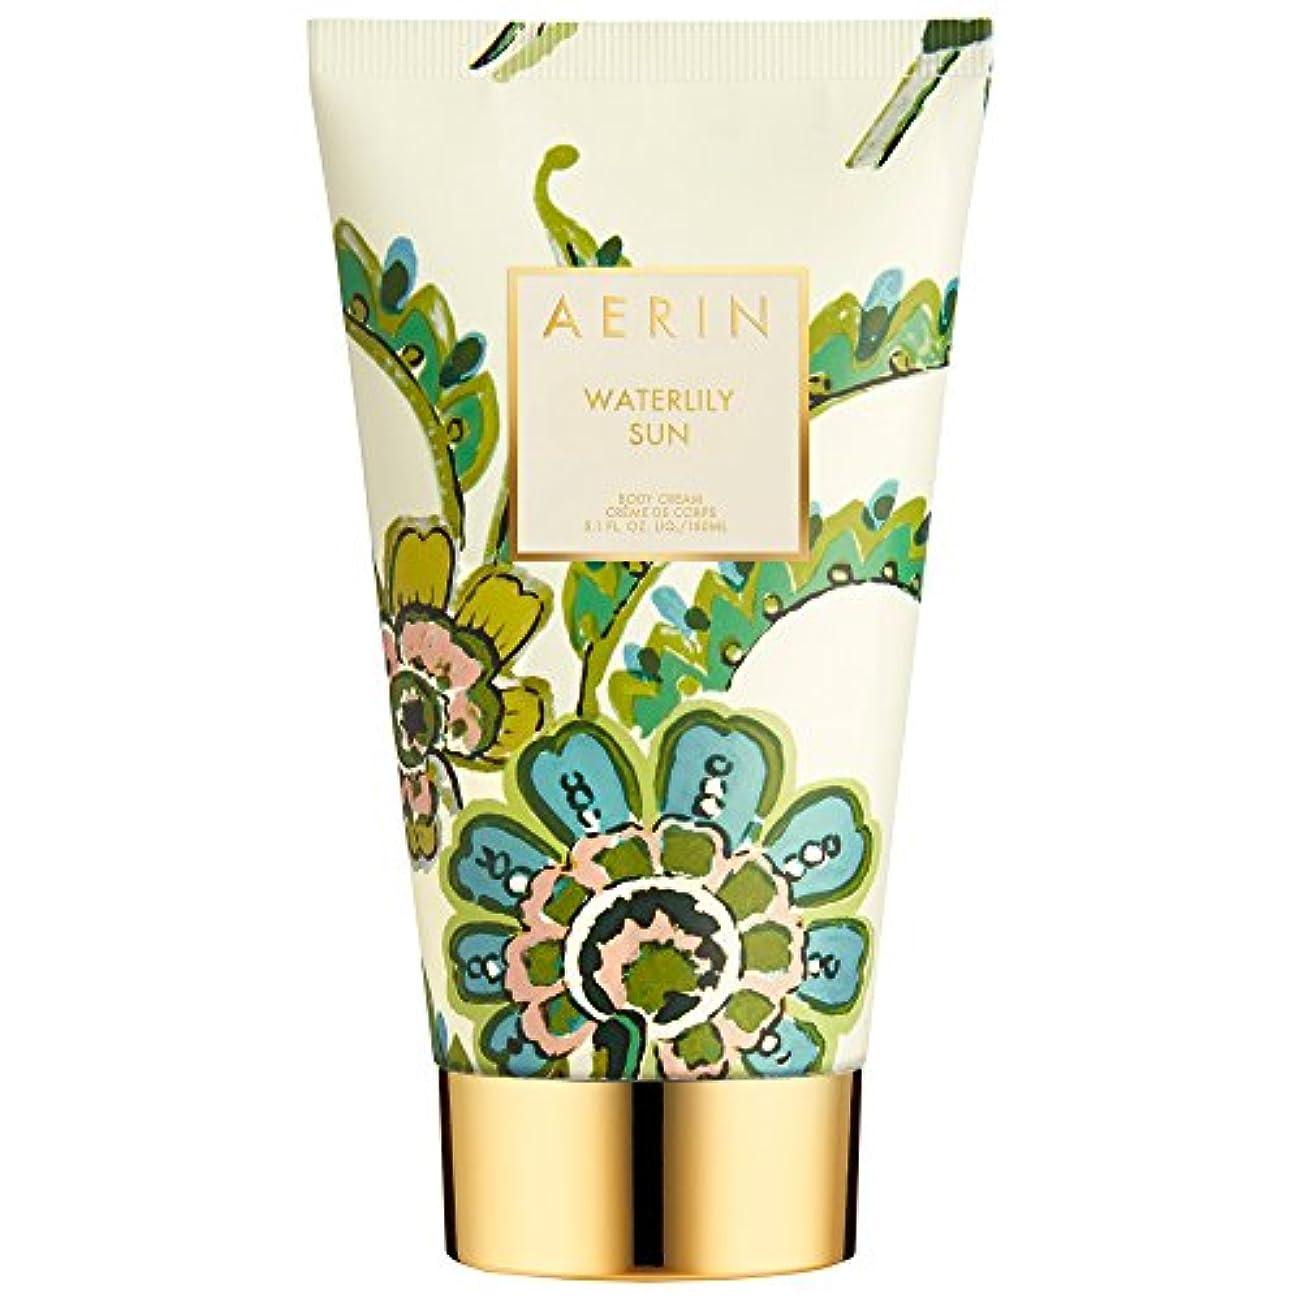 ガソリンオンス文芸Aerinスイレン日ボディクリーム150ミリリットル (AERIN) (x6) - AERIN Waterlily Sun Body Cream 150ml (Pack of 6) [並行輸入品]